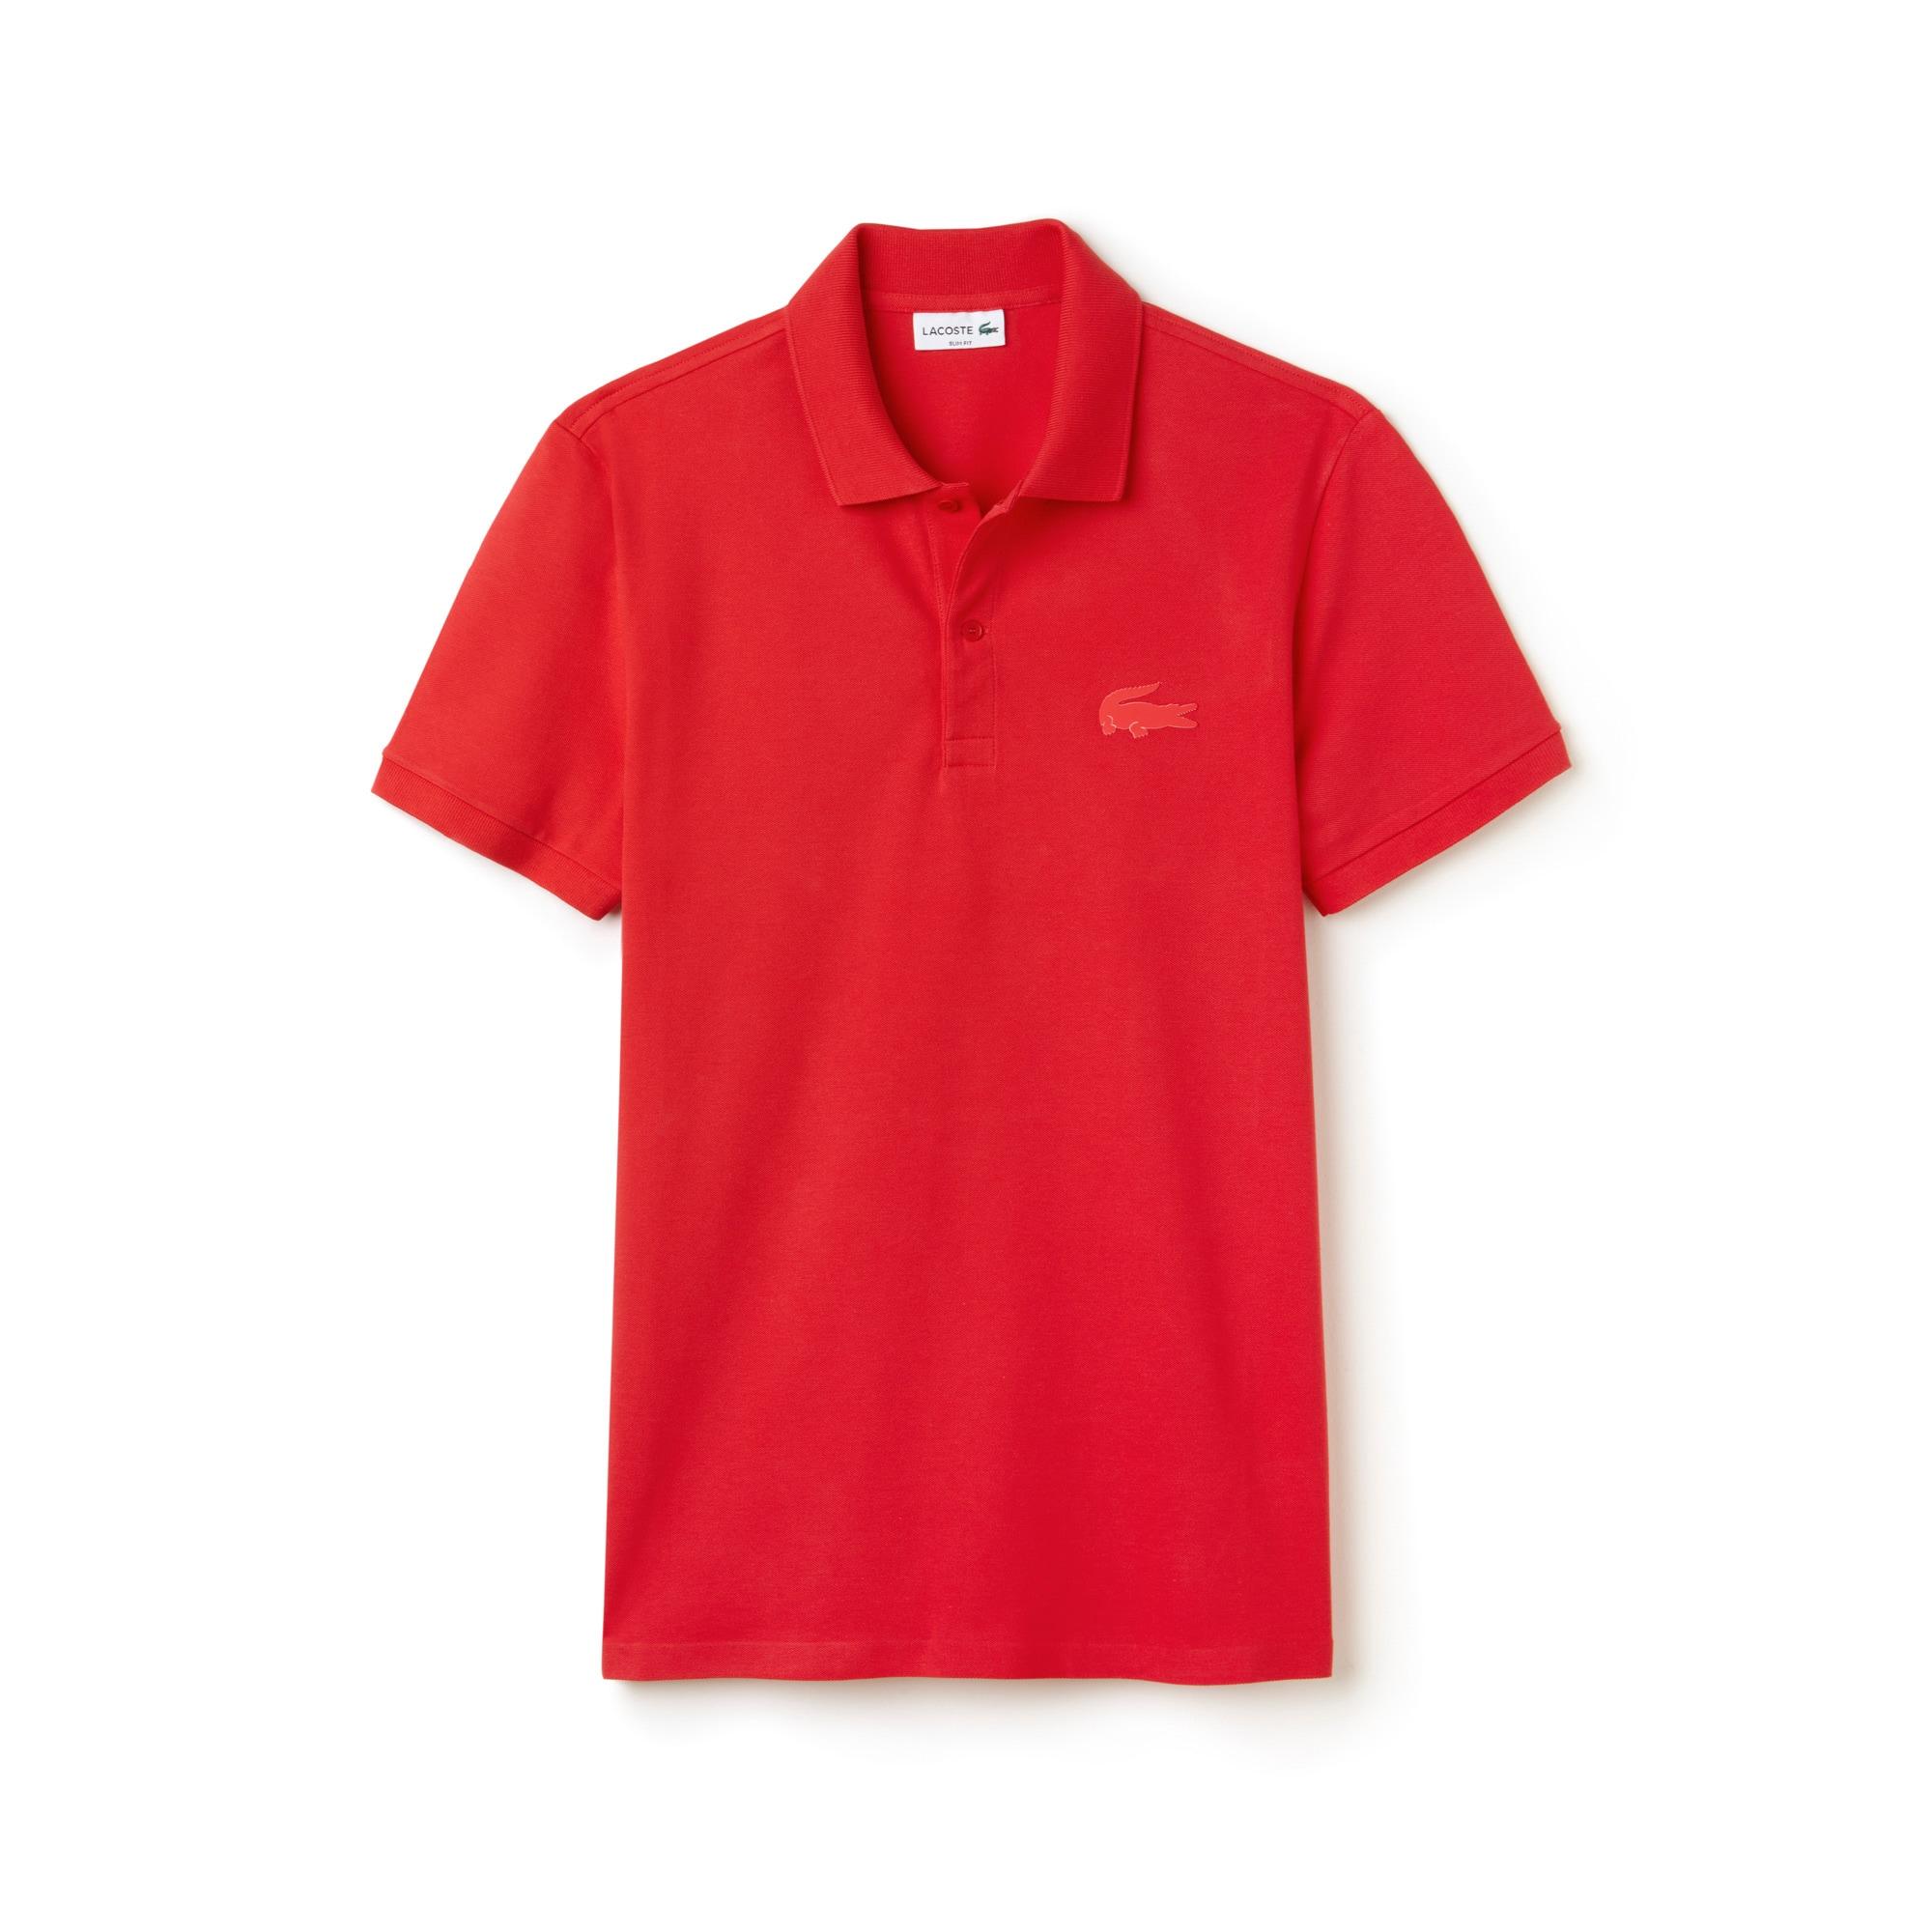 Men's Slim Fit Rubber Crocodile Stretch Piqué Polo Shirt